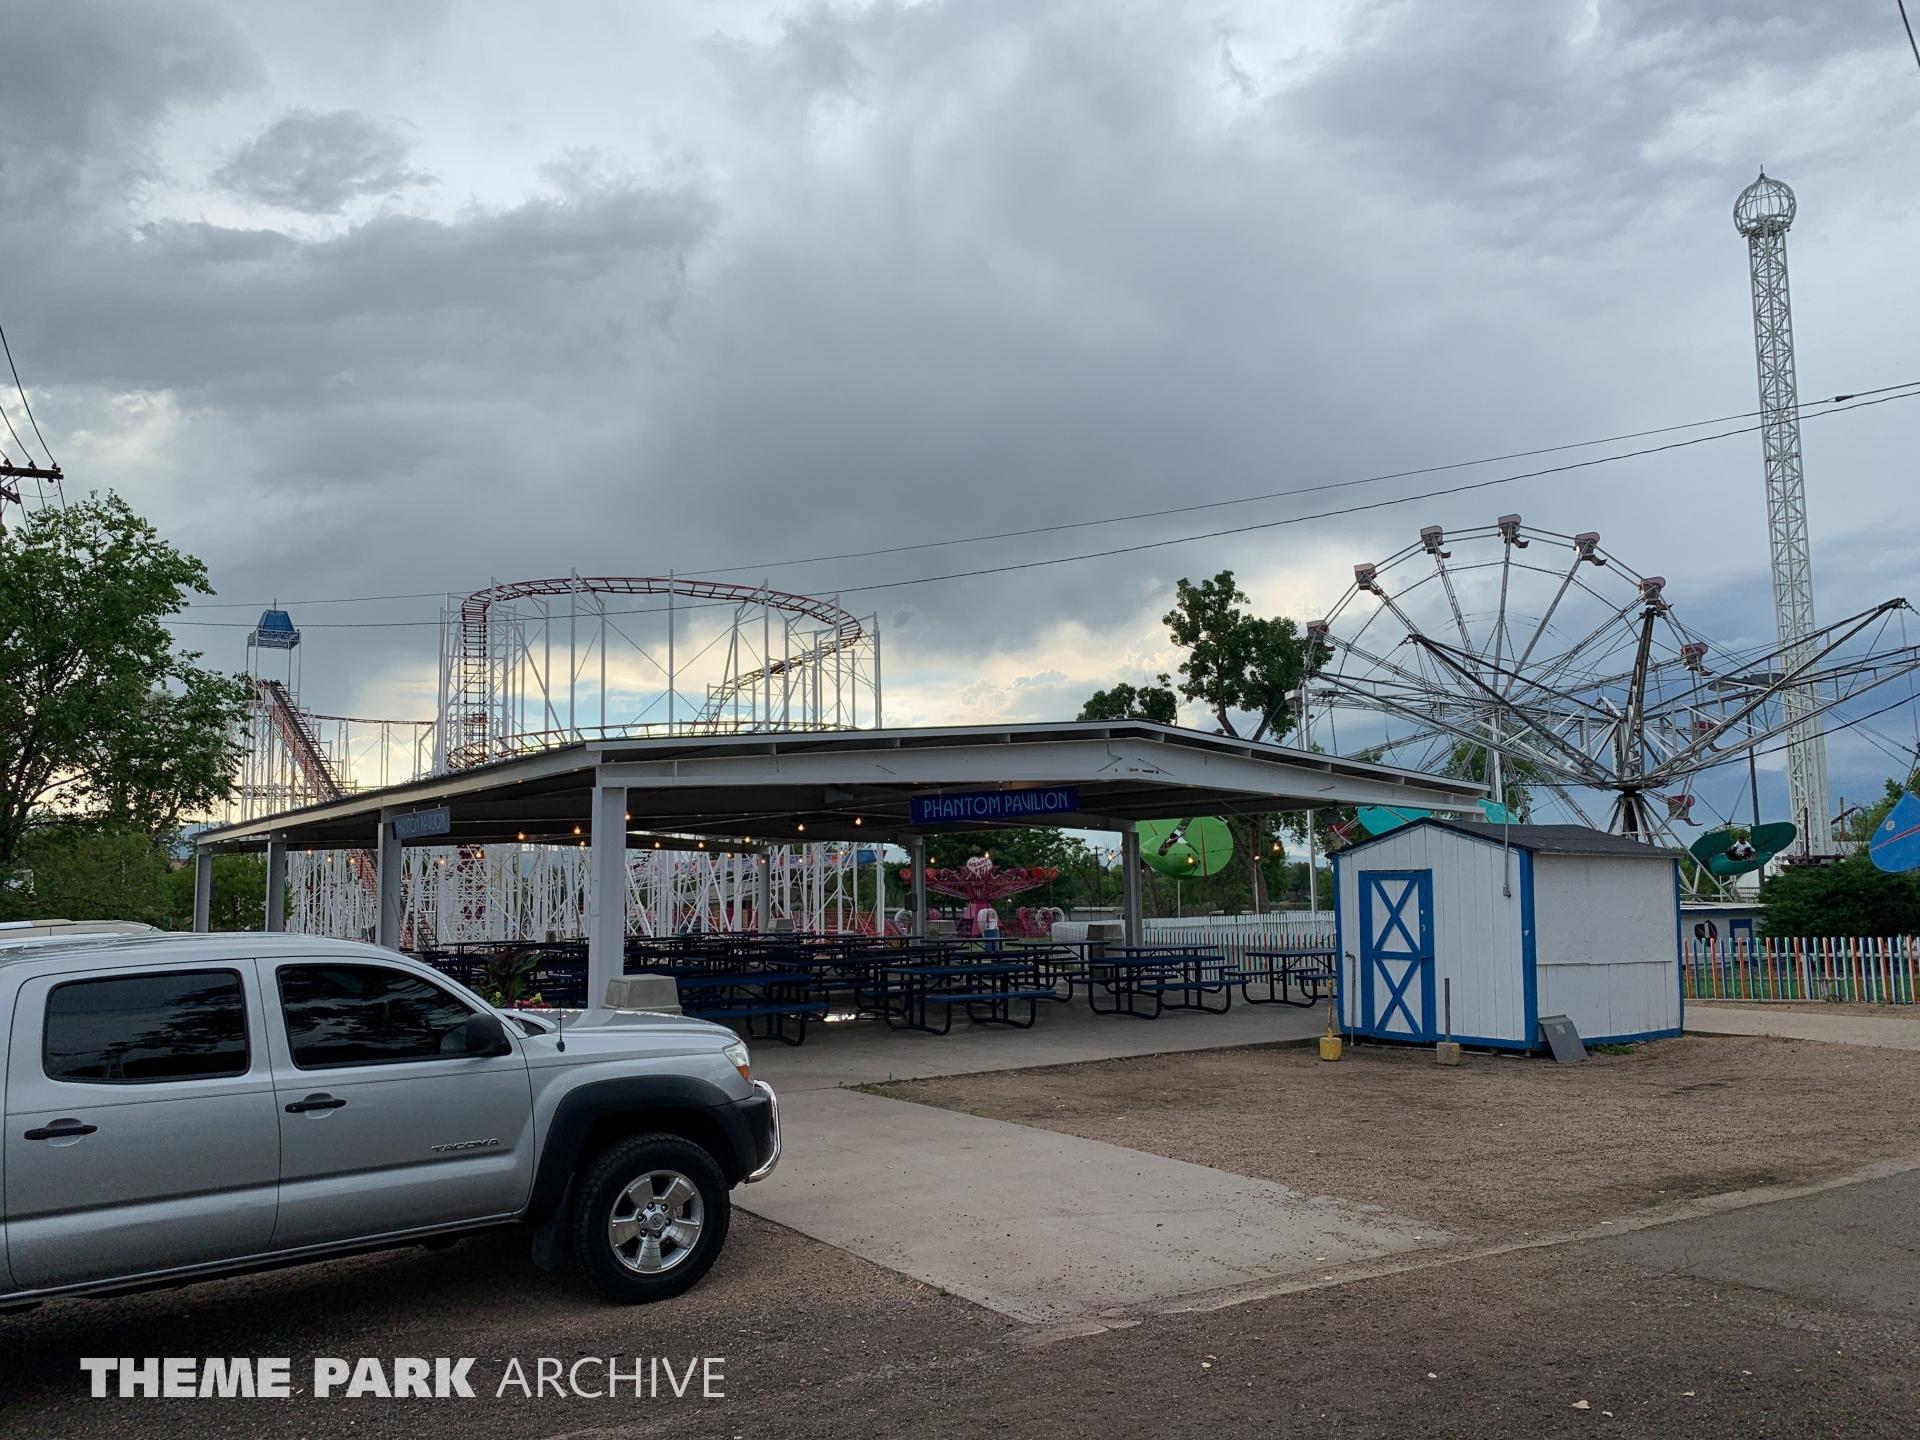 Parking at Lakeside Amusement Park